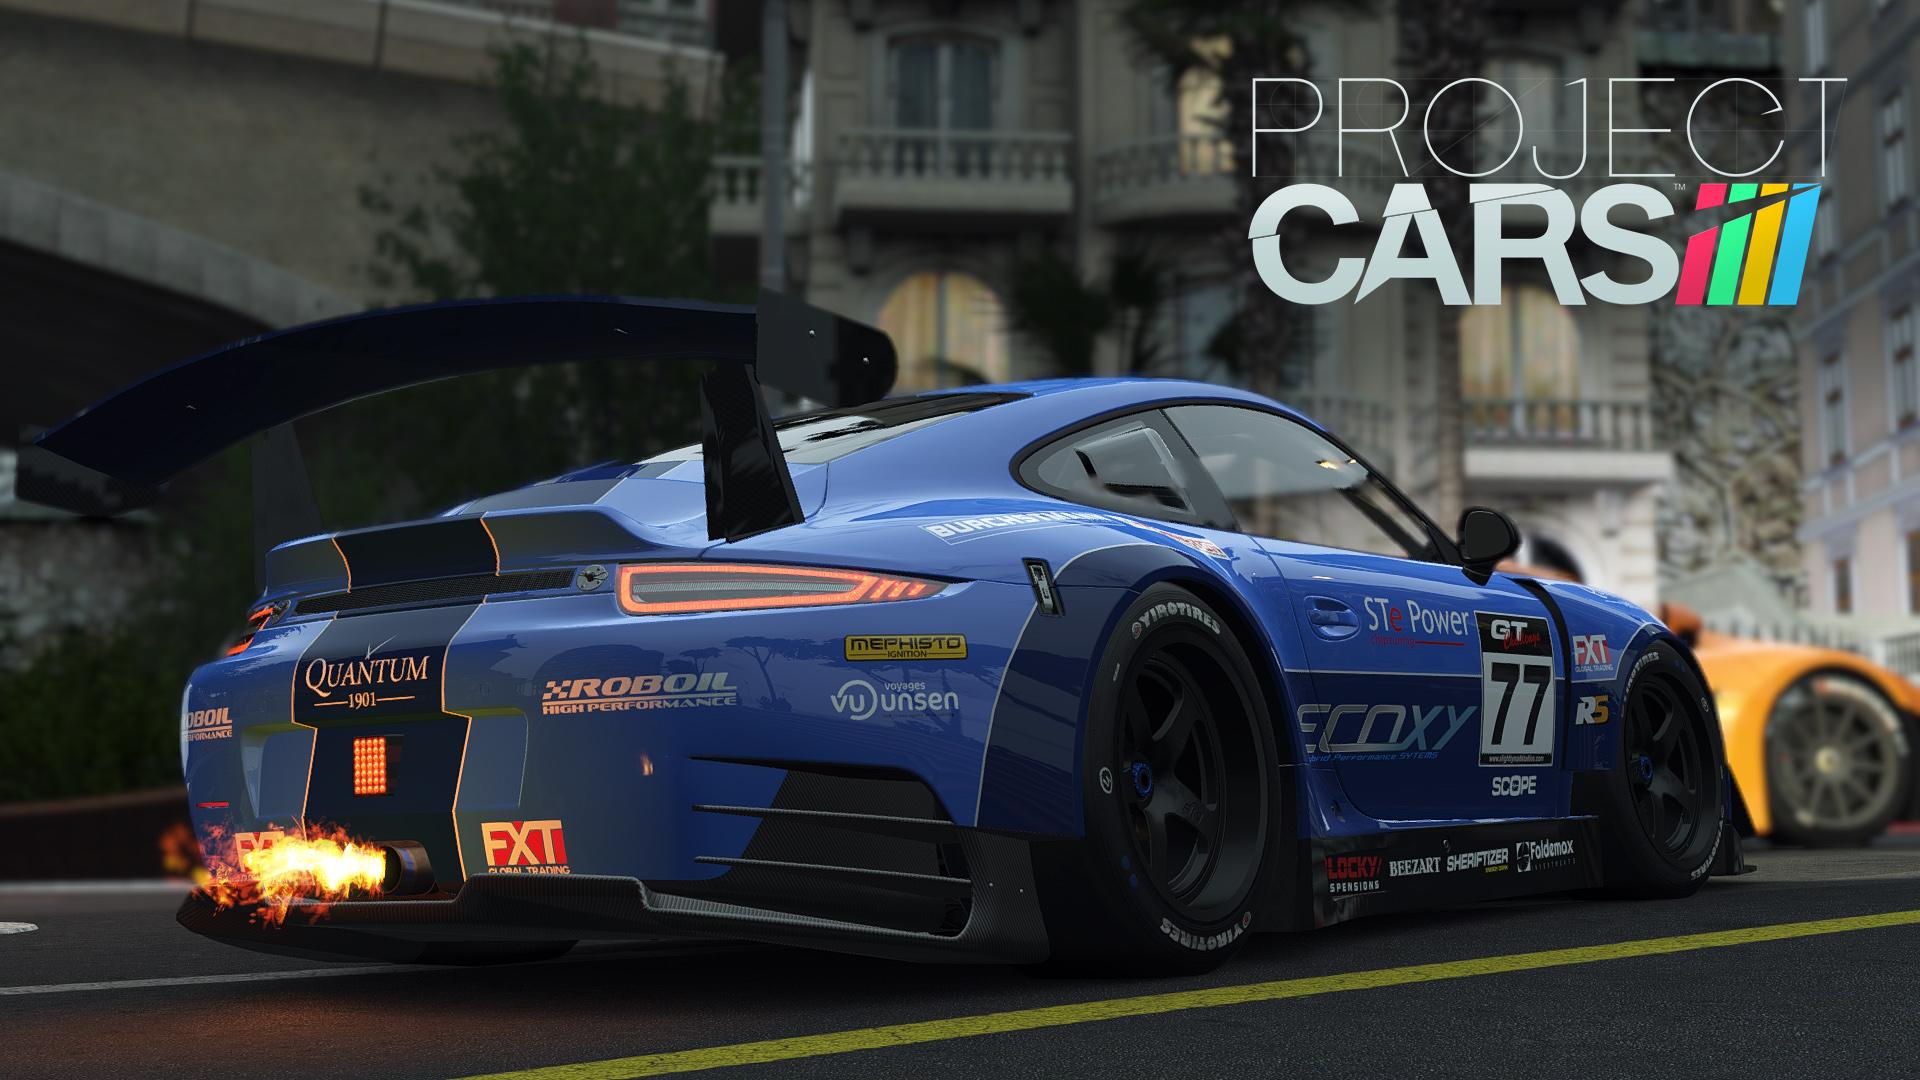 Confira a comparação do gráfico do Project Cars no PS4 contra a versão de  PC - Hardware.com.br